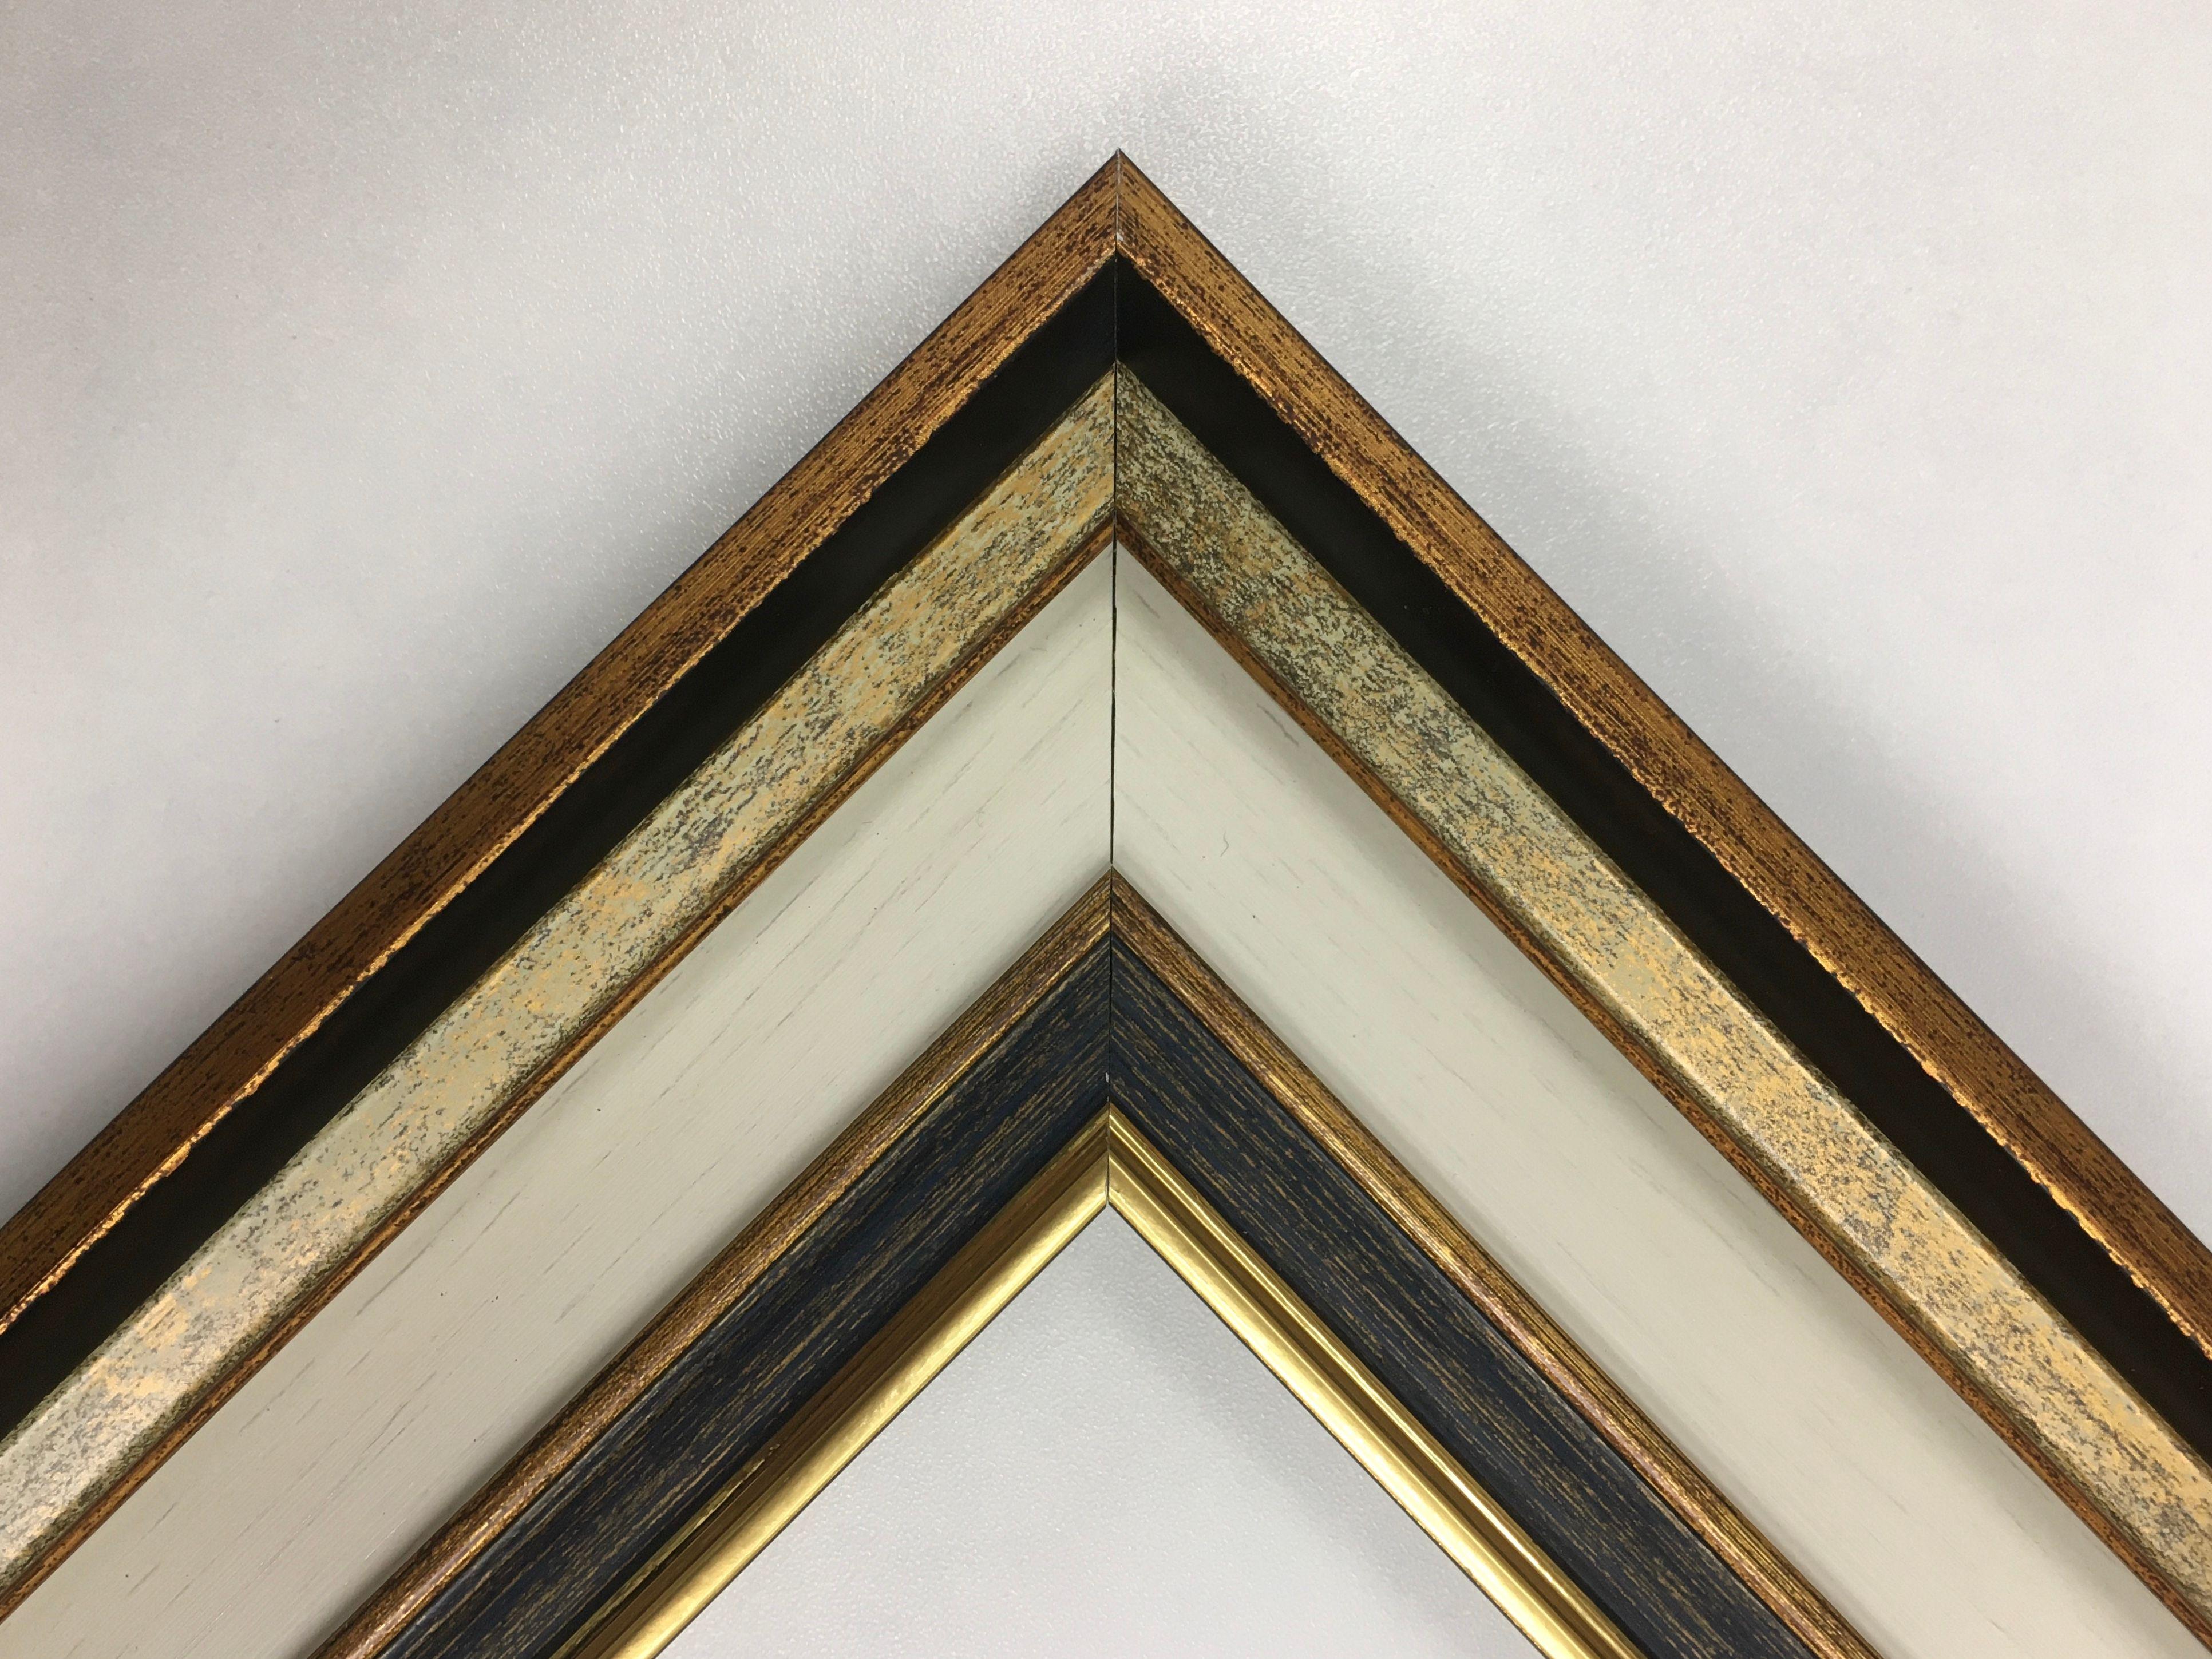 6332-20  卓杰PS发泡线条相框线条镜框线条装饰画框条油画框条实物画框条